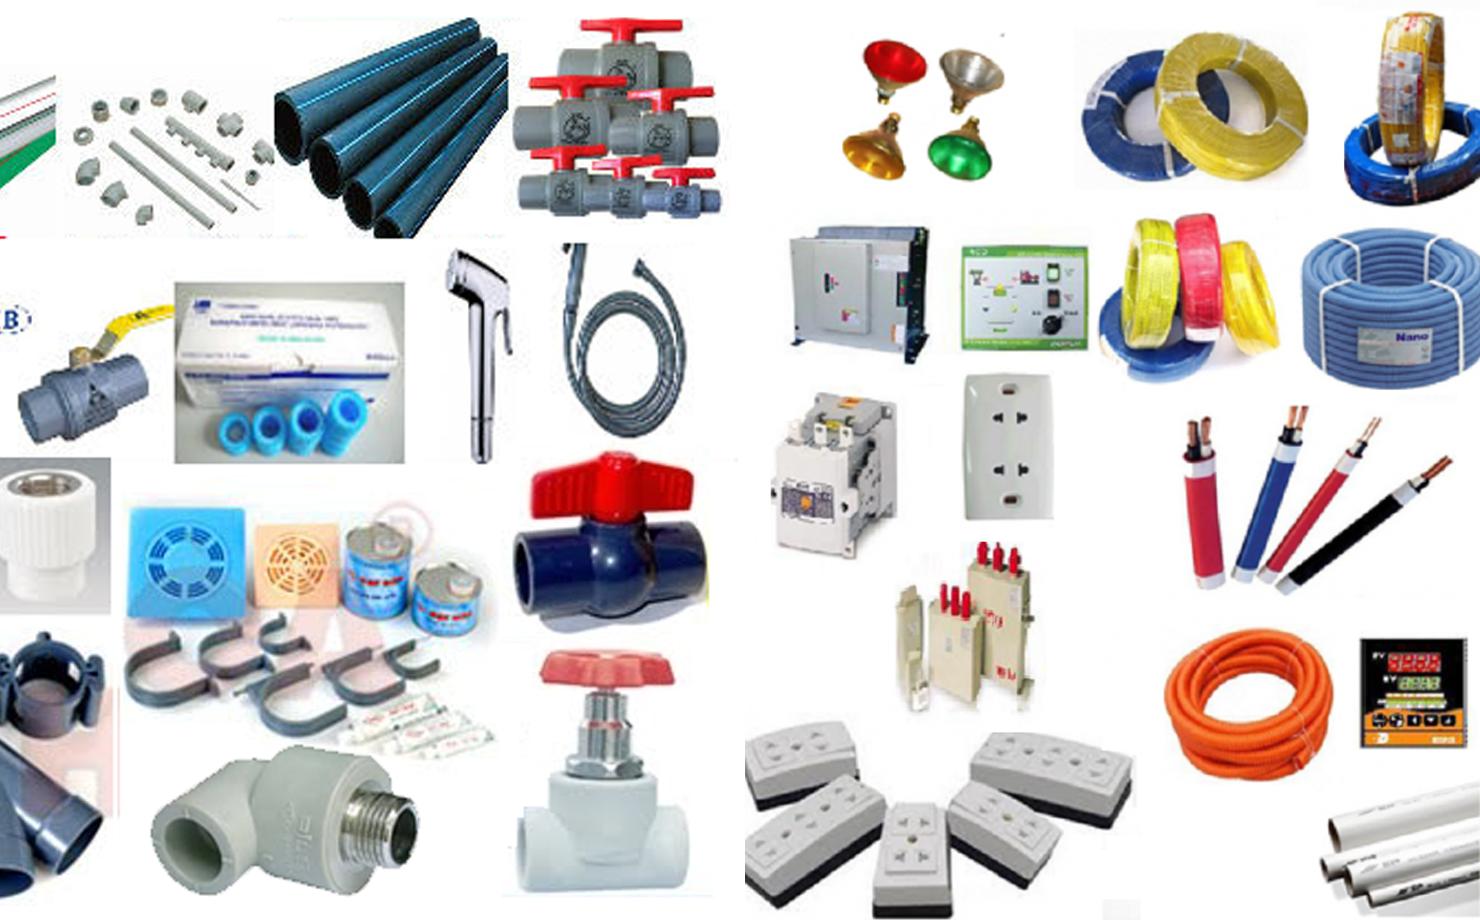 Kinh doanh thiết bị điện nước đang là xu hướng kinh doanh thị trường ngách kiếm lời hiện nay